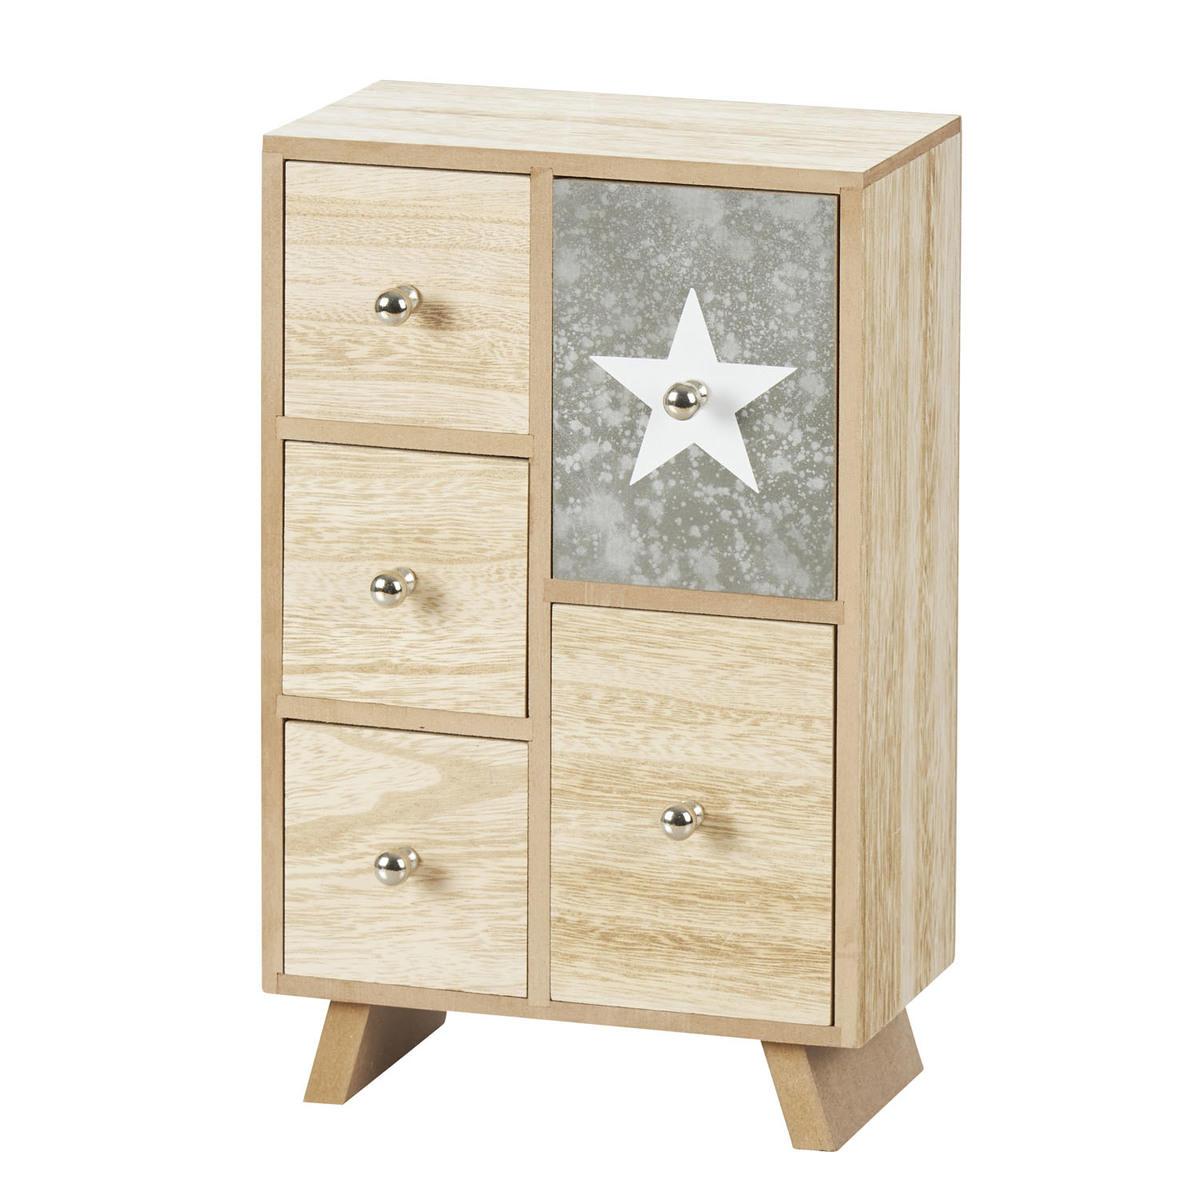 provida aufbewahrungsbox stern mit 5 schubladen jetzt im kodi onlineshop kaufen alles f r. Black Bedroom Furniture Sets. Home Design Ideas